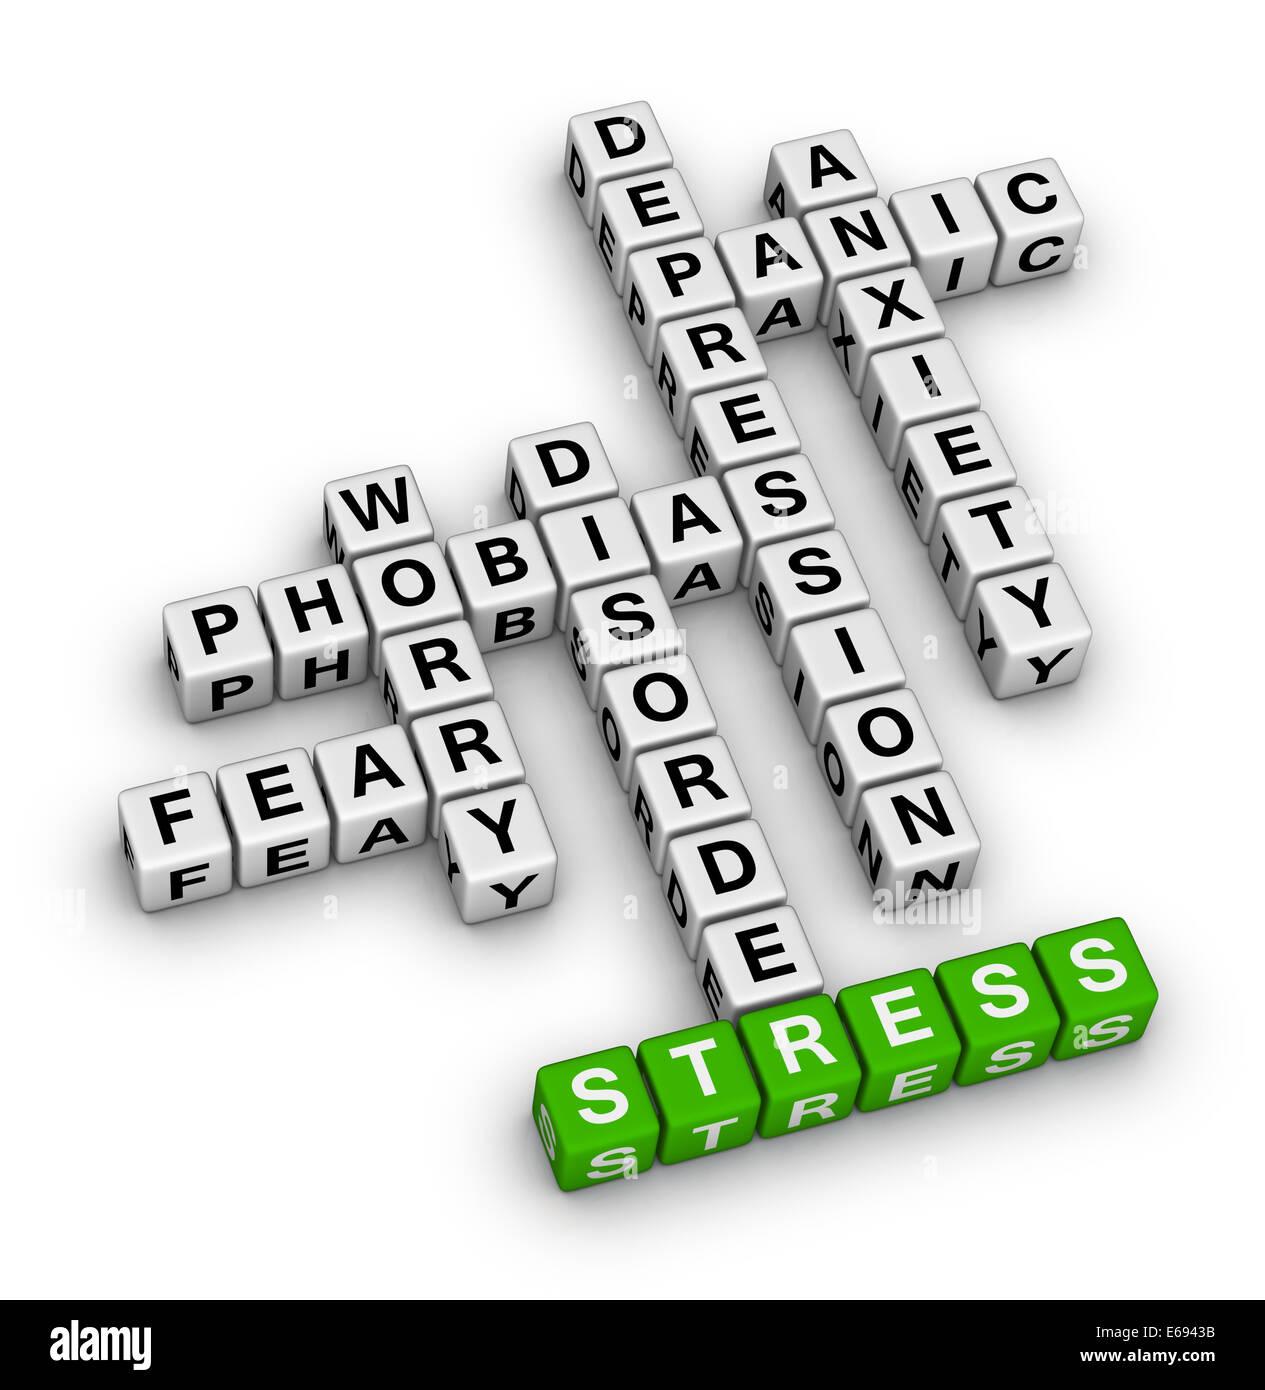 Mental Health Crossword Puzzle Stock Photo 72730207 Alamy